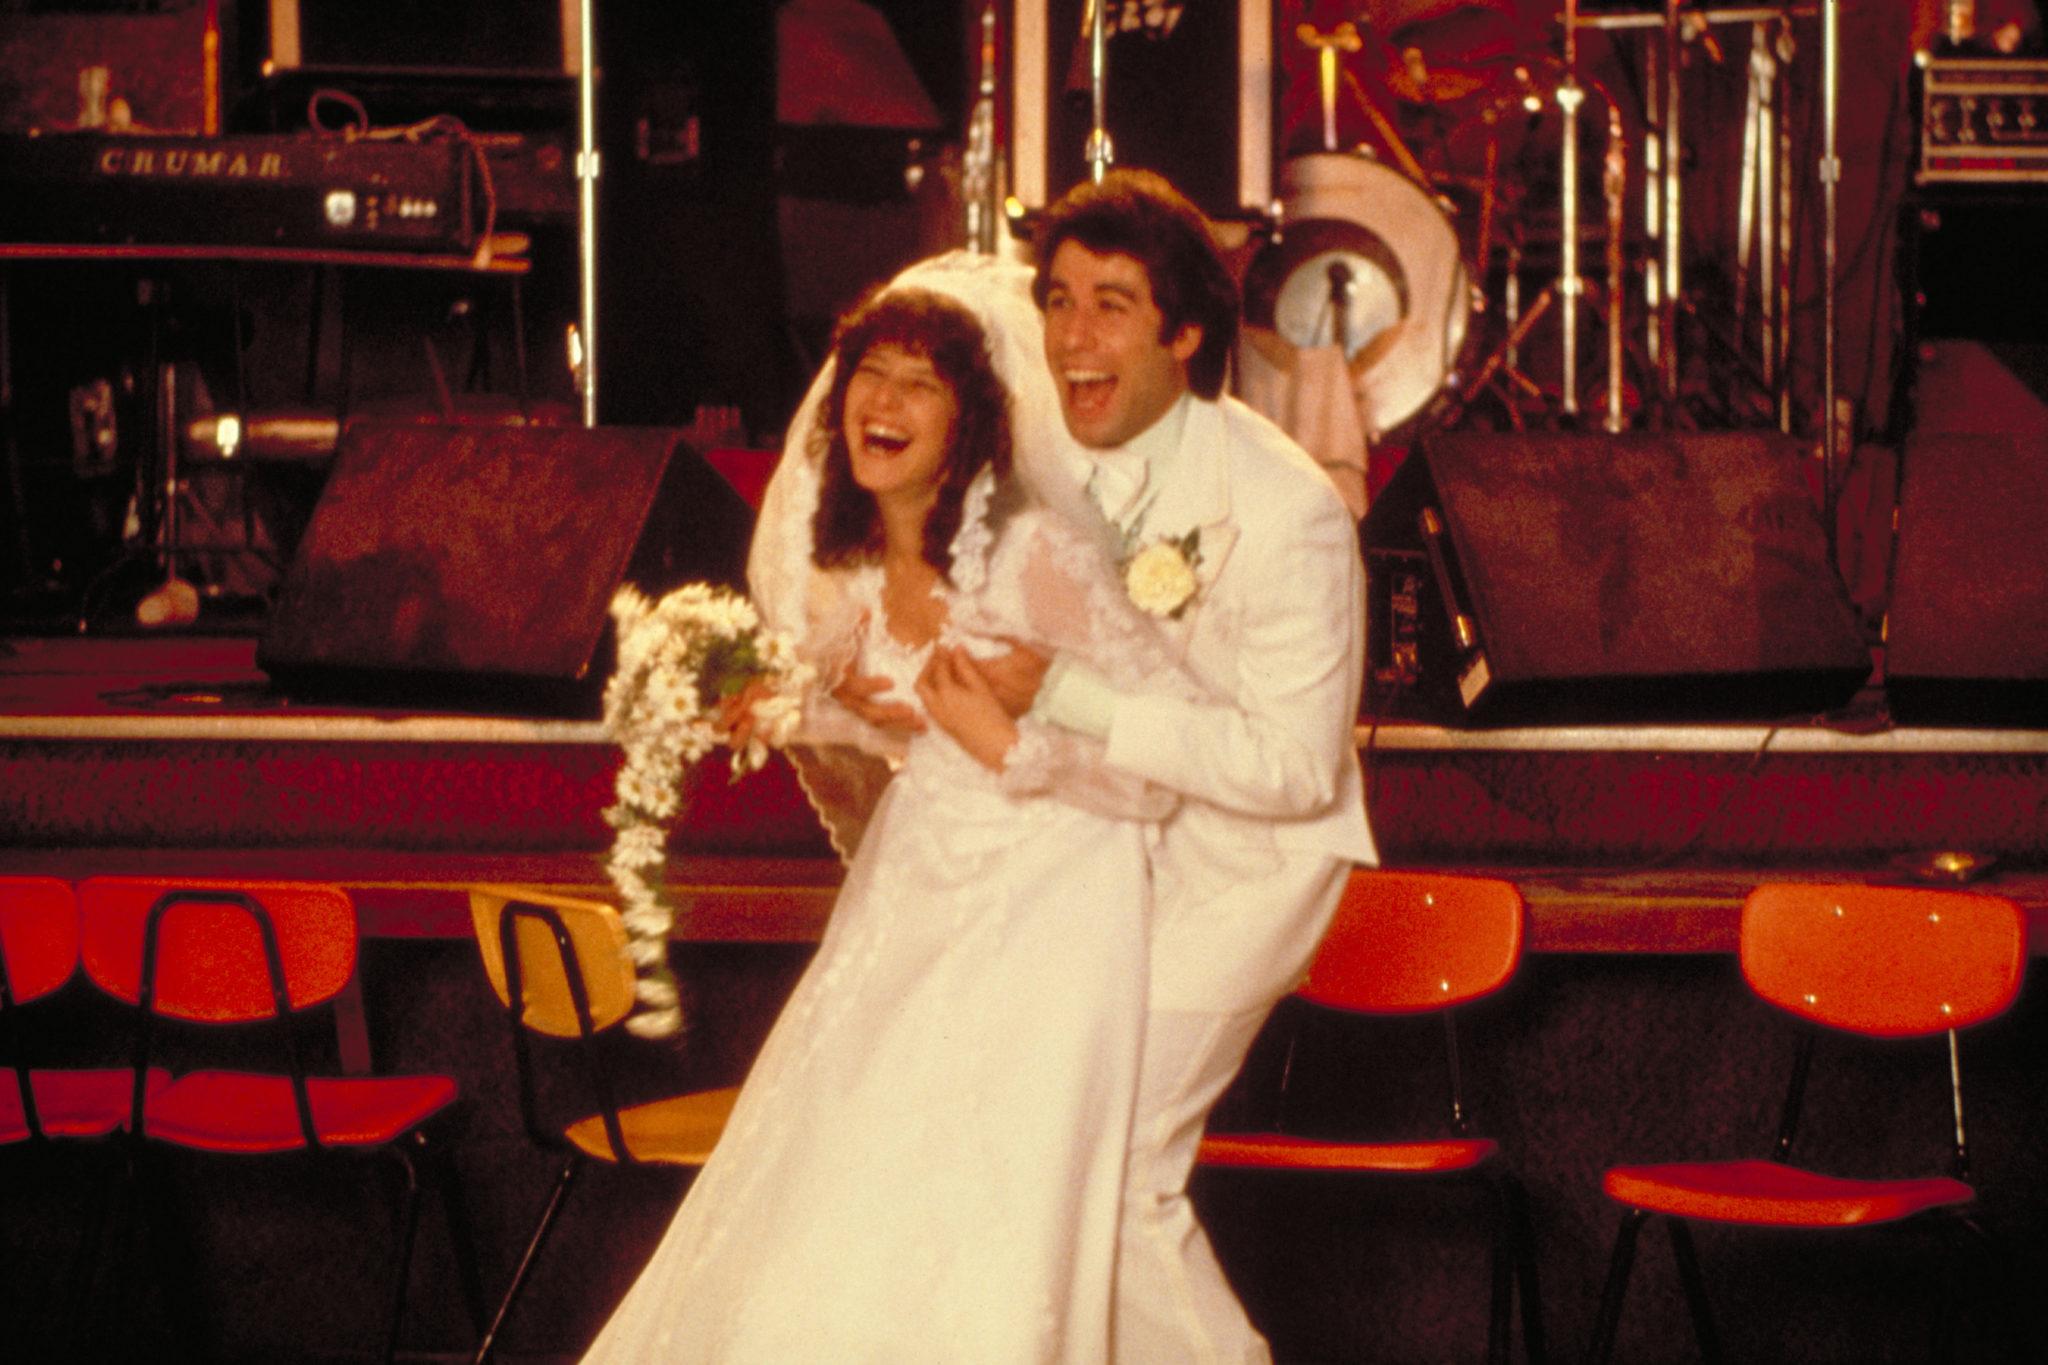 """John Travolta als Bud und Debra Winger als Sissy sind in """"Urban Cowboy"""" lachend als weiß gekleidetes Ehepaar zu sehen."""